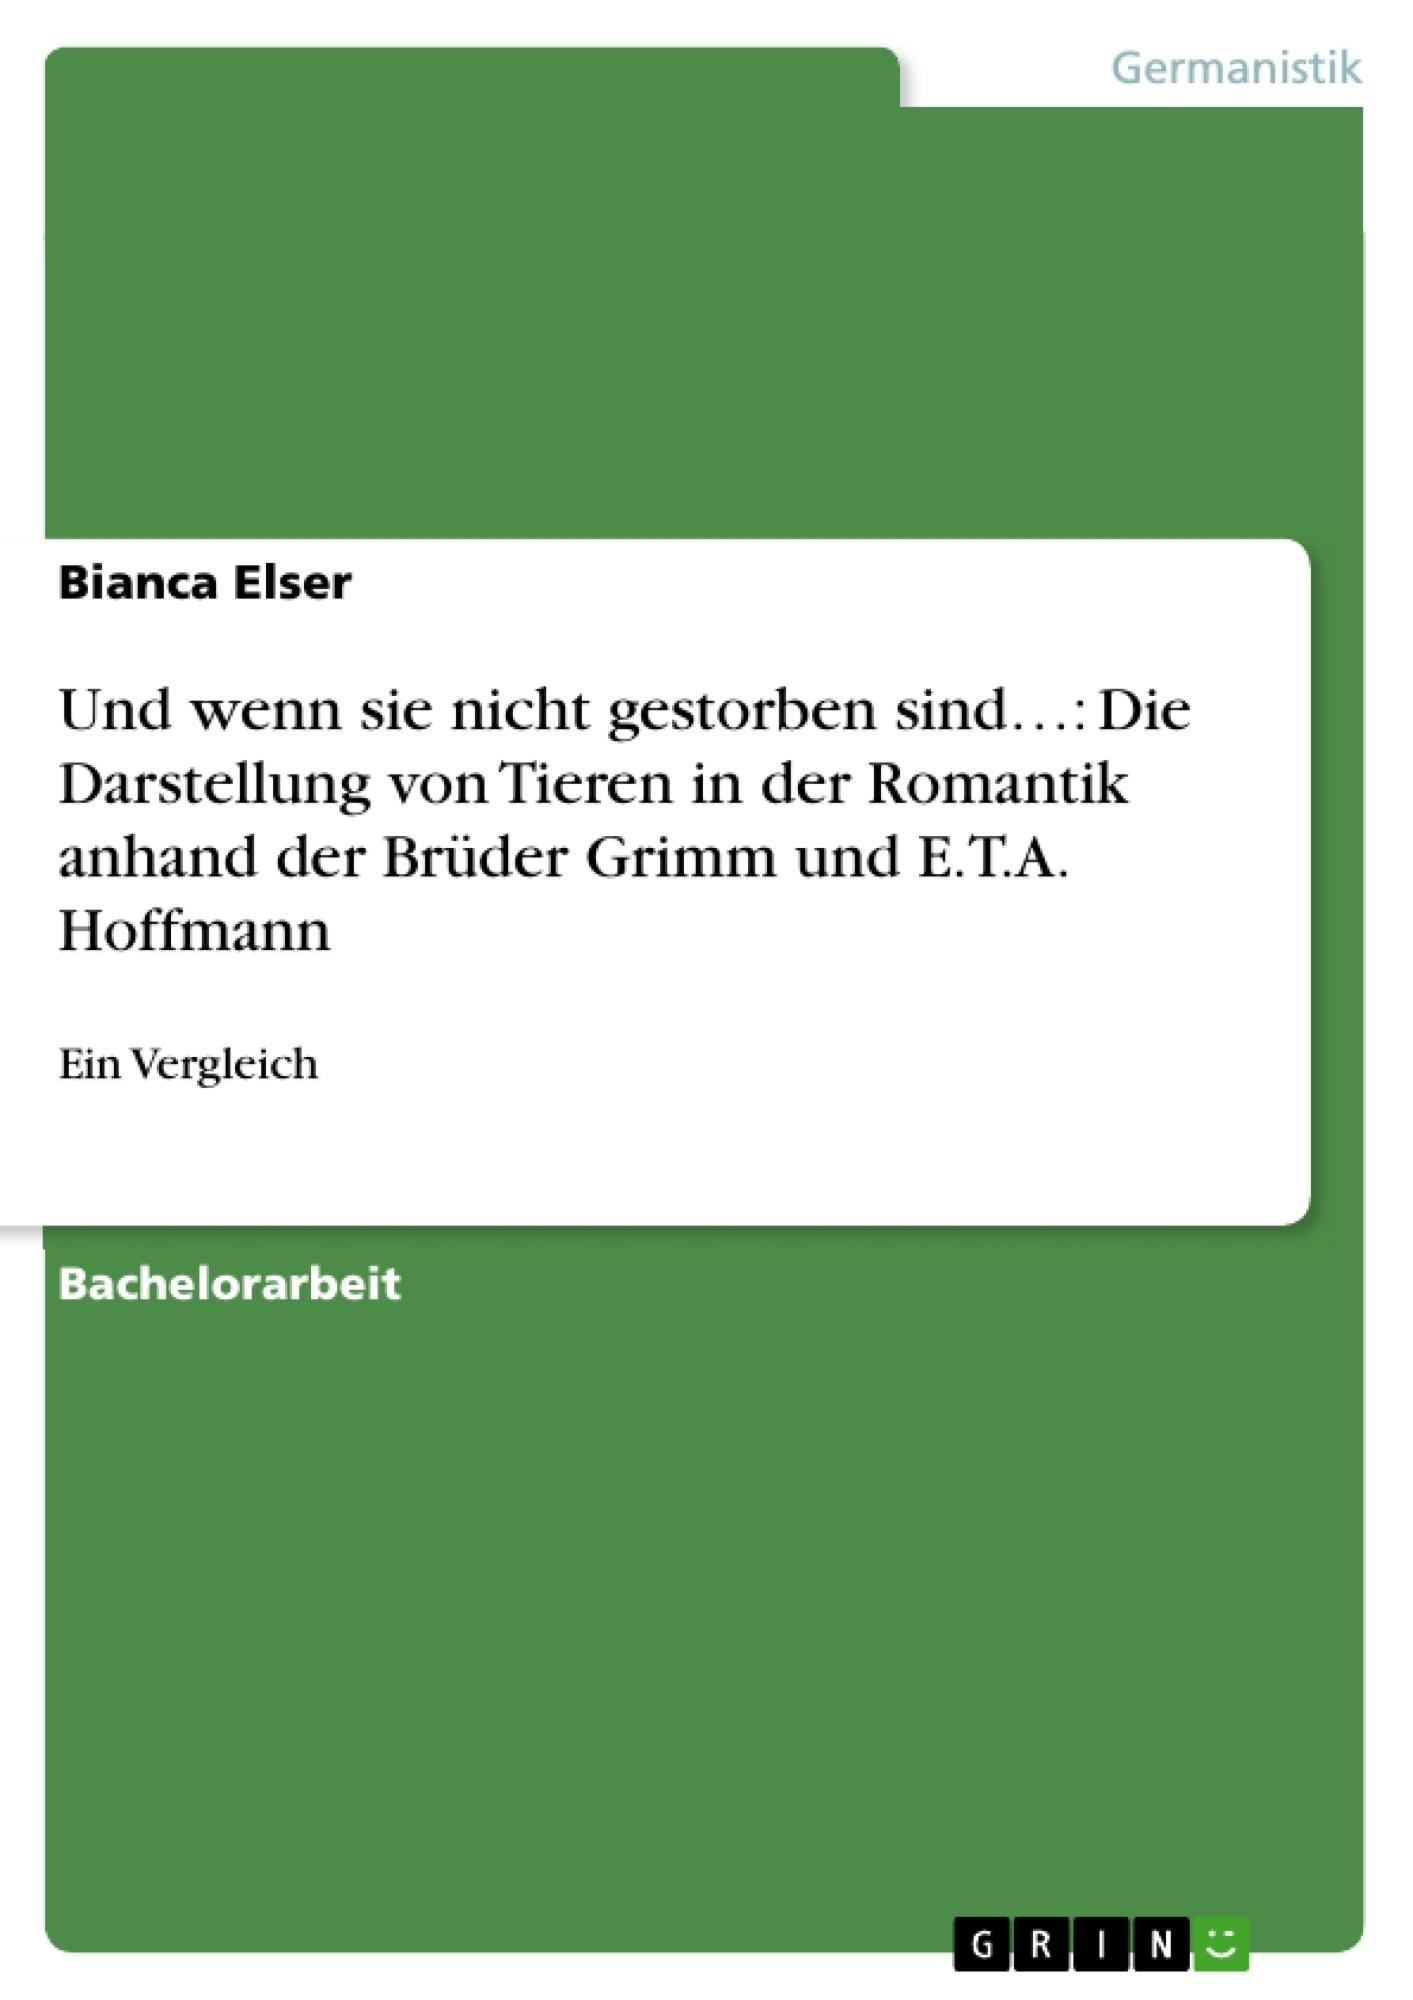 Titel: Und wenn sie nicht gestorben sind…: Die Darstellung von Tieren in der Romantik anhand der Brüder Grimm und E.T.A. Hoffmann